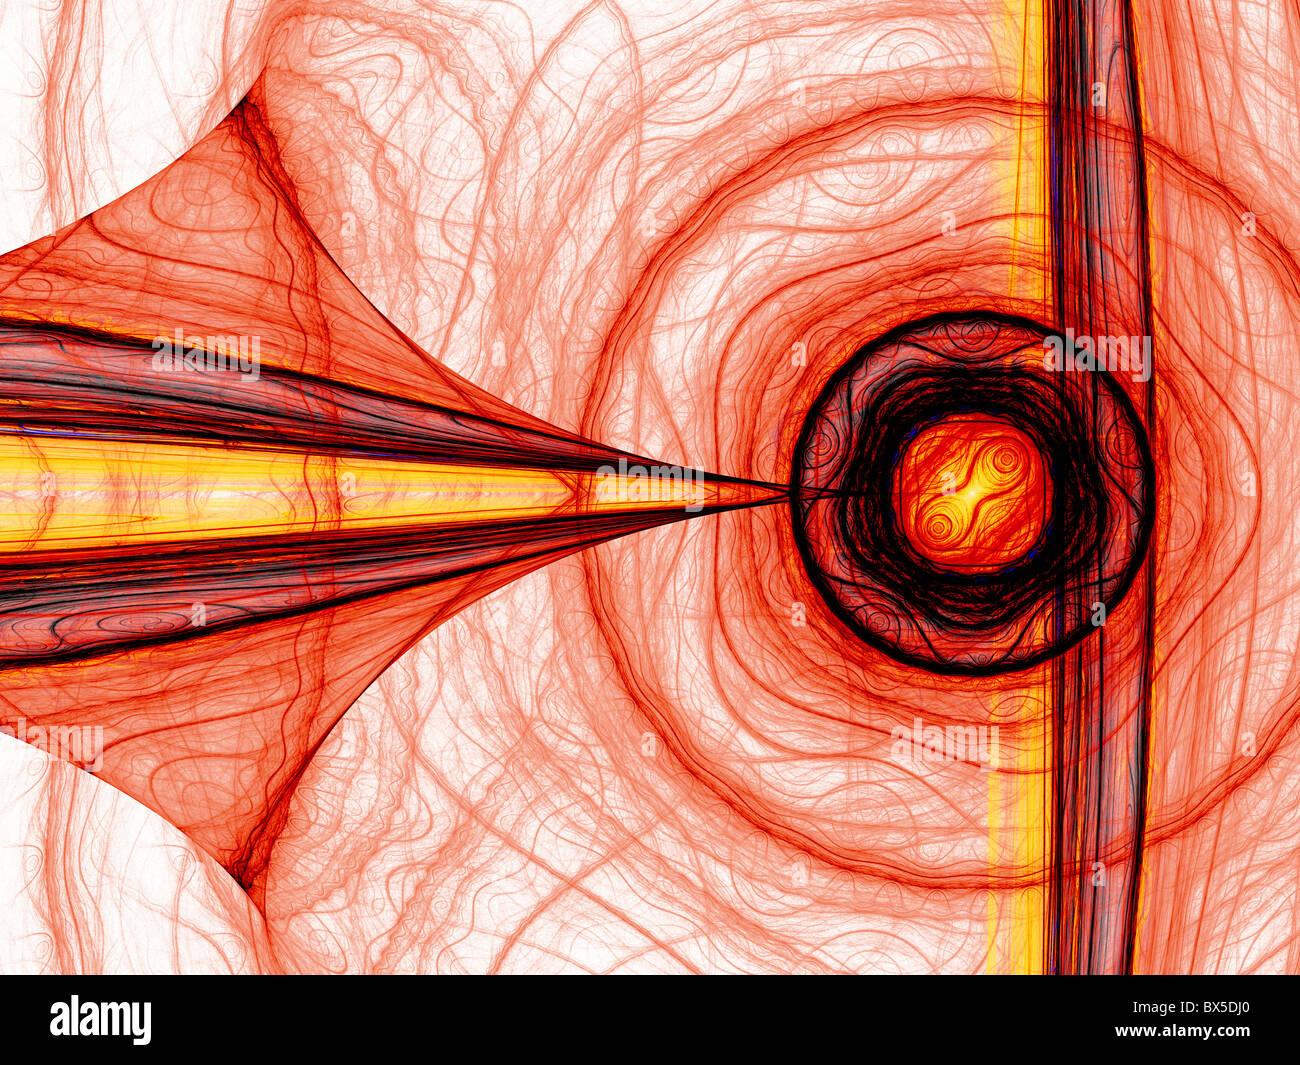 Abstrakte computergenerierte roter Energie Fraktal. Gut als Hintergrund oder Wallpaper. Stockfoto